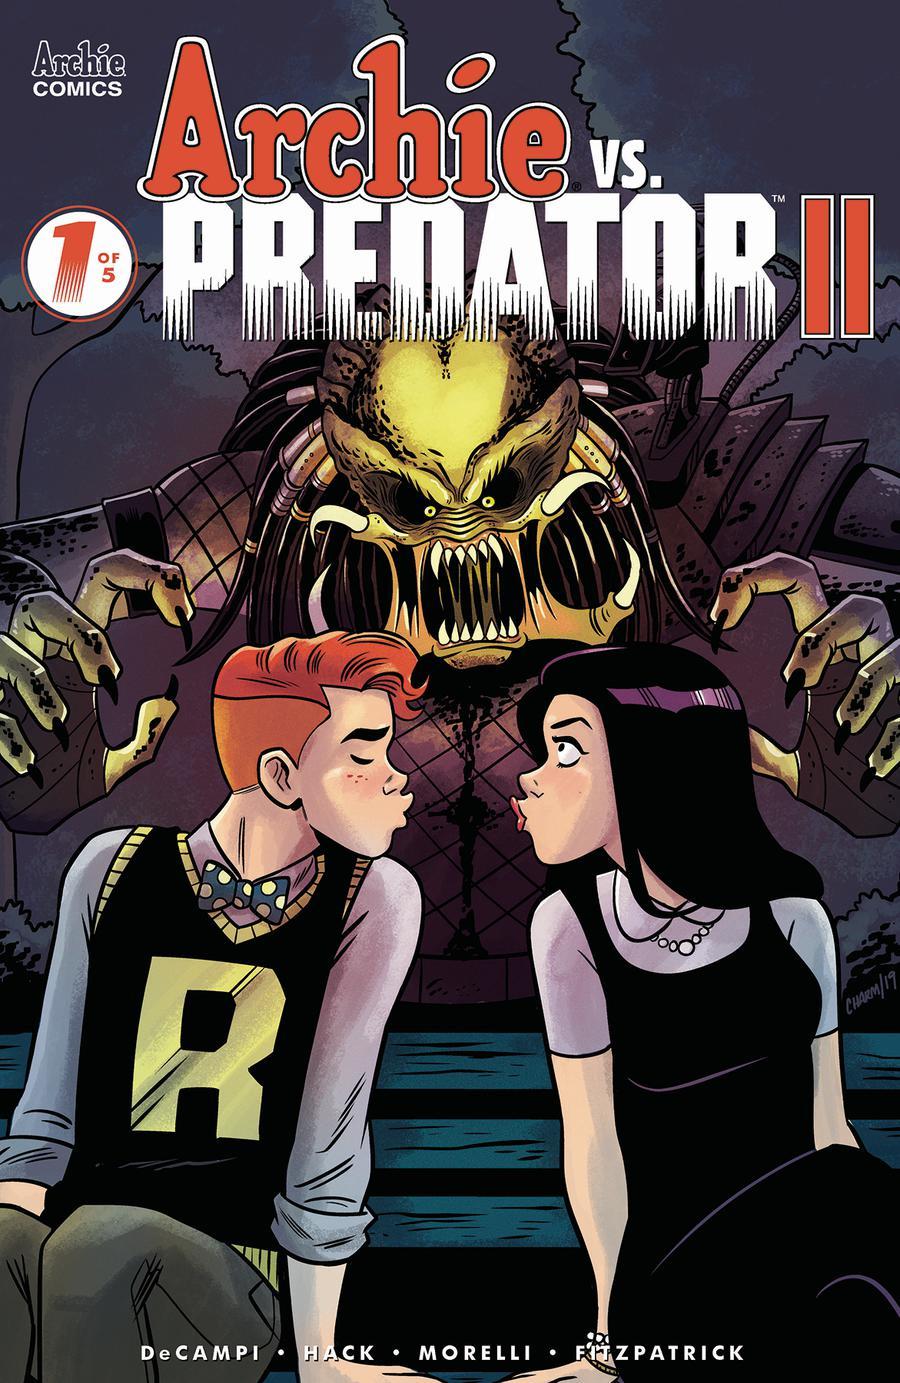 Archie vs Predator II #1 Cover C Variant Derek Charm Cover